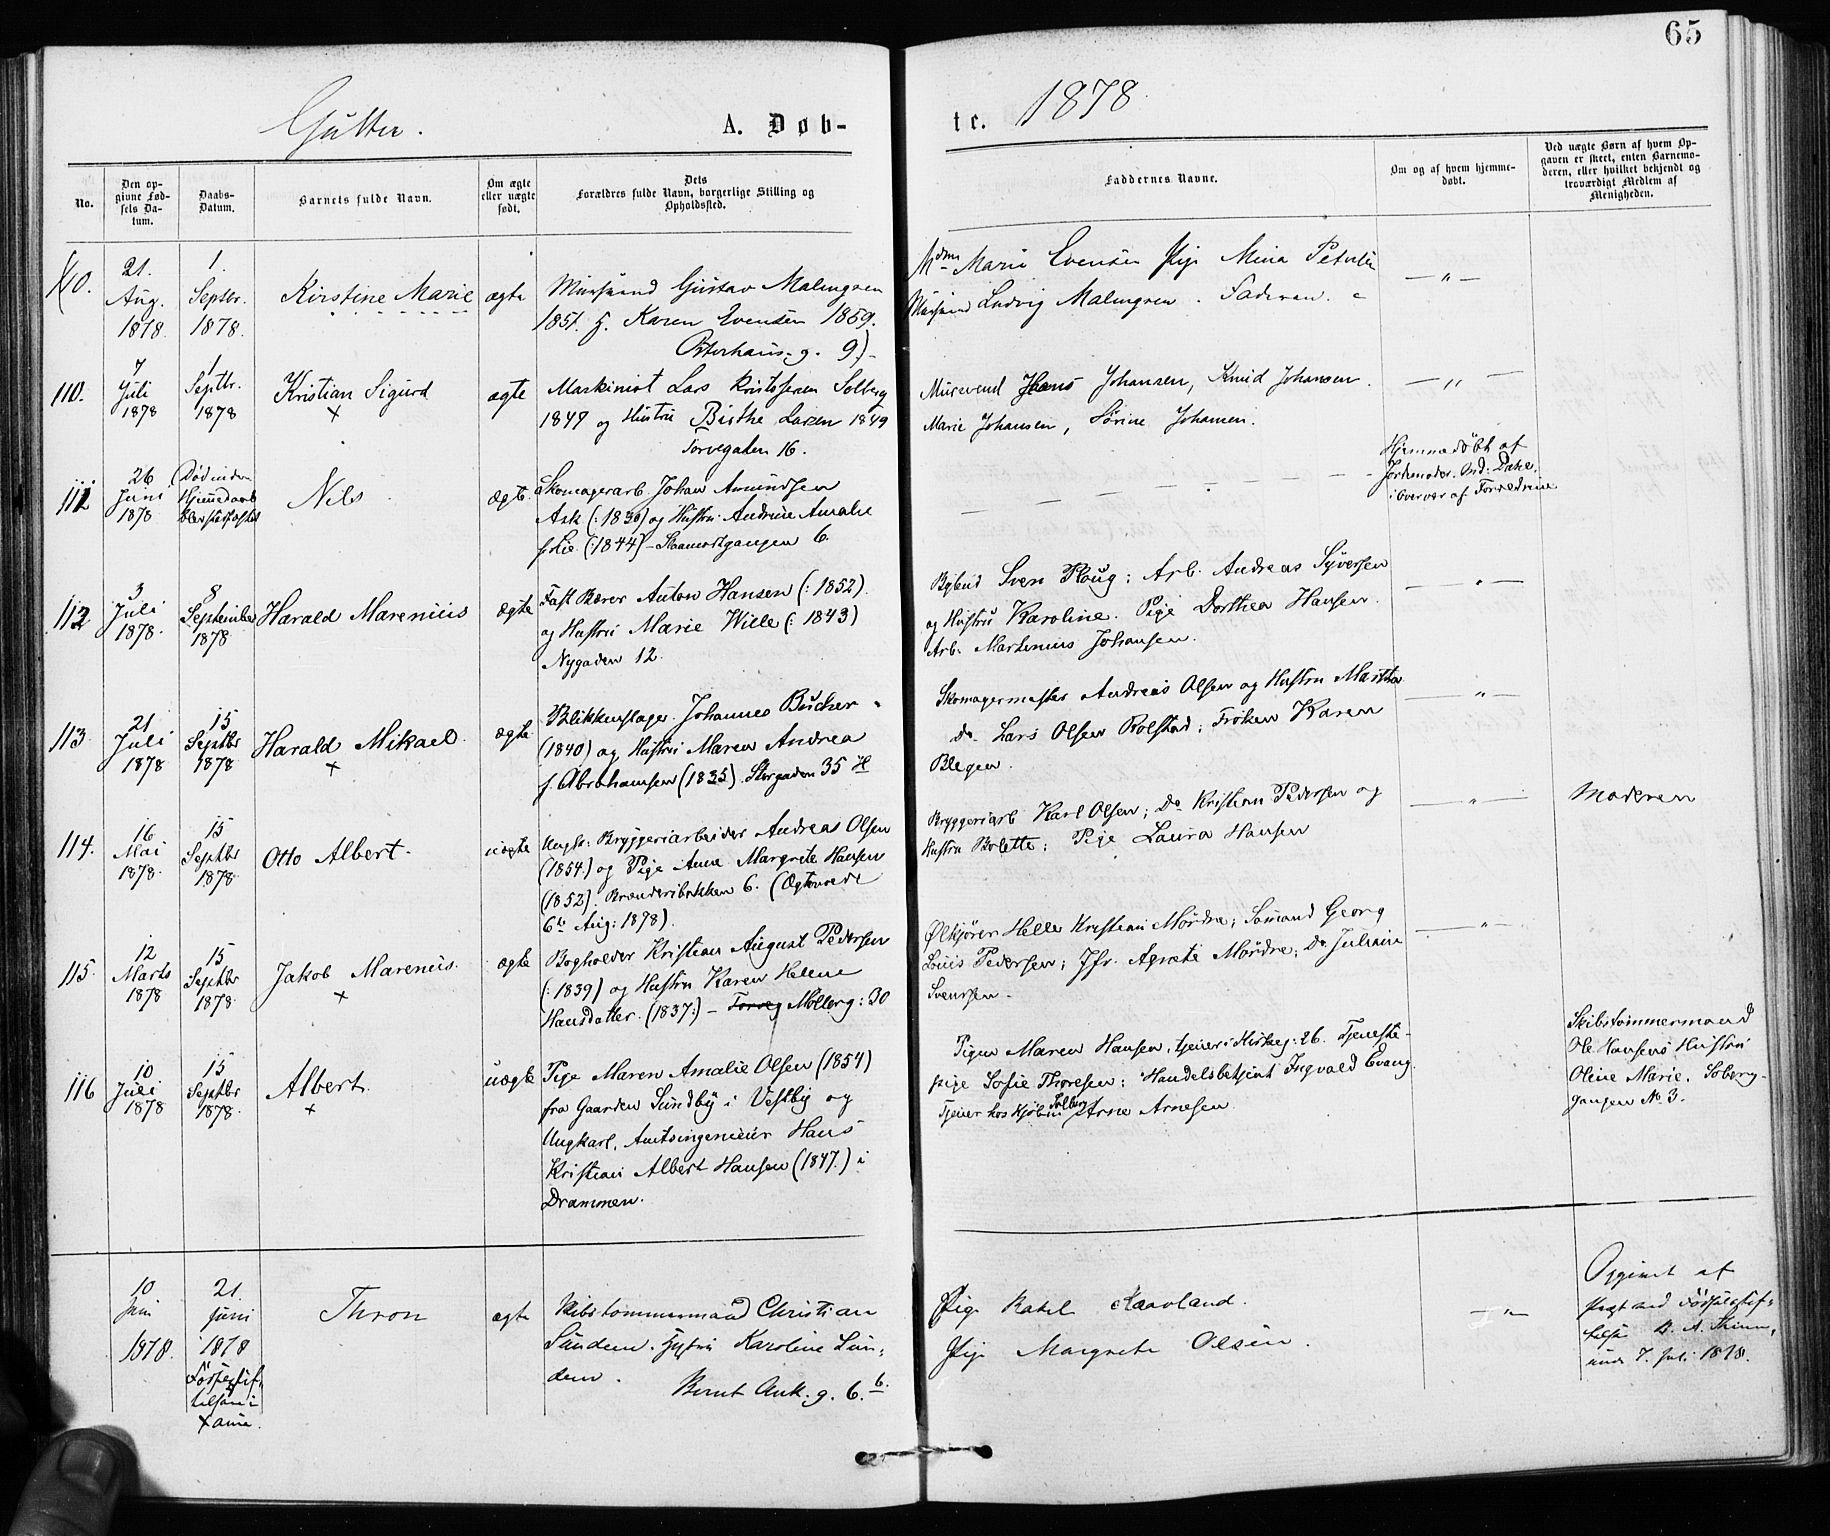 SAO, Jakob prestekontor Kirkebøker, F/Fa/L0001: Ministerialbok nr. 1, 1875-1924, s. 65